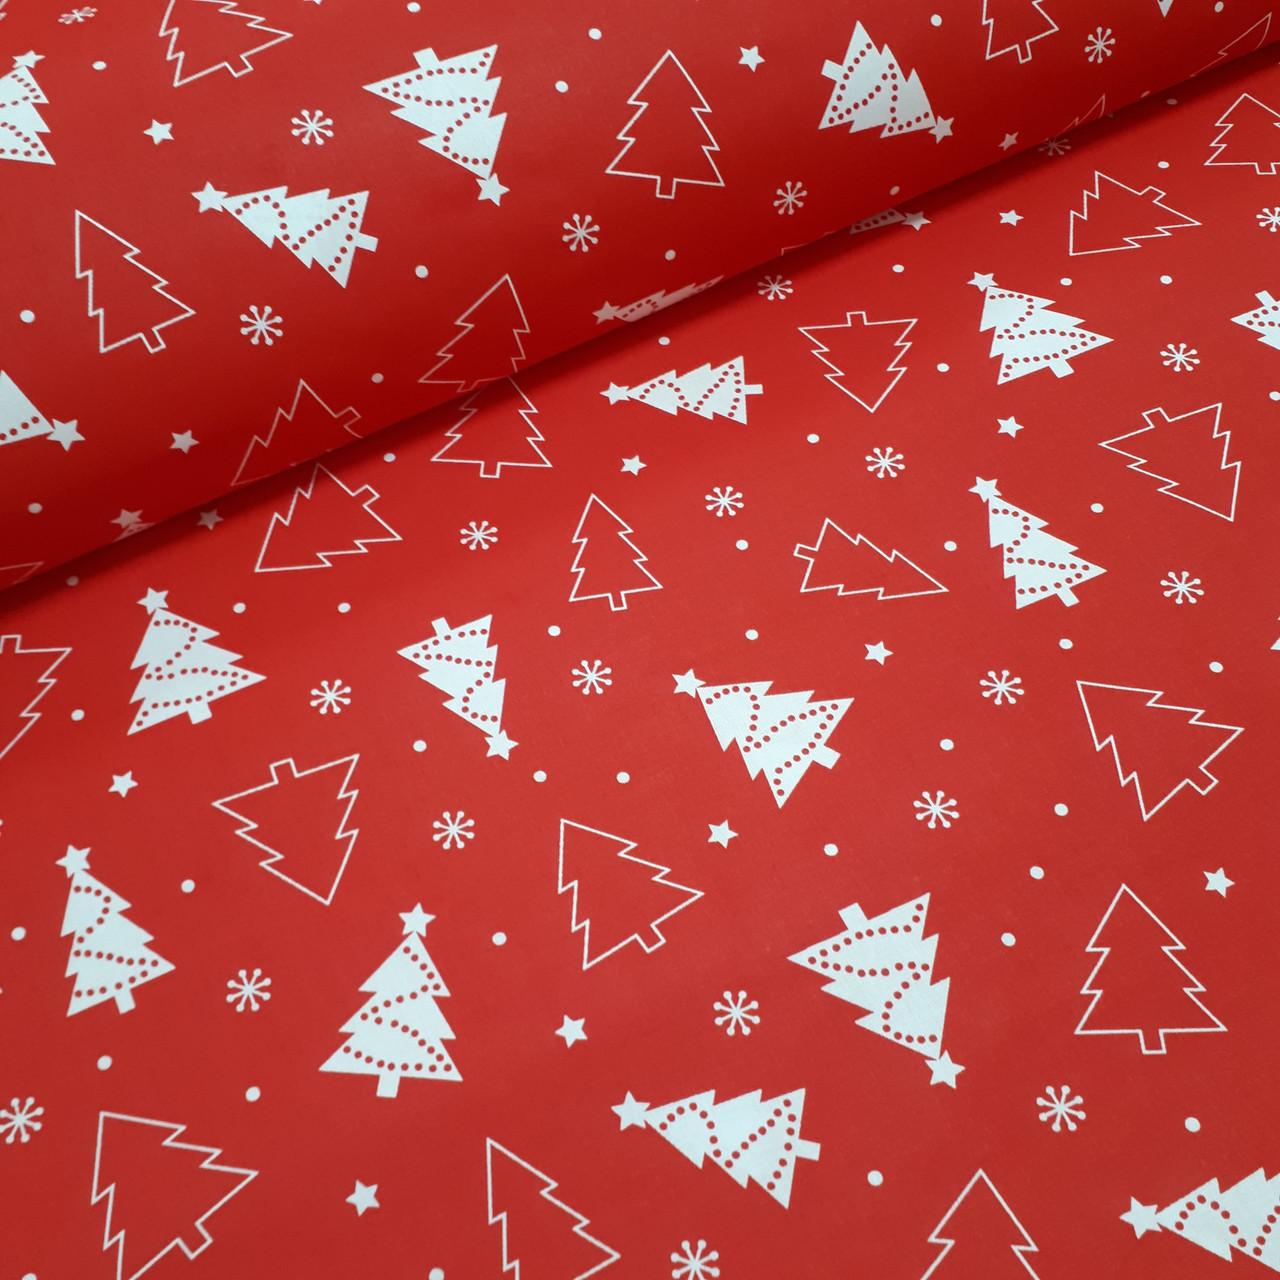 Ткань новогодняя хлопковая, белые елки на красном отрез (0,45*1,6 м)